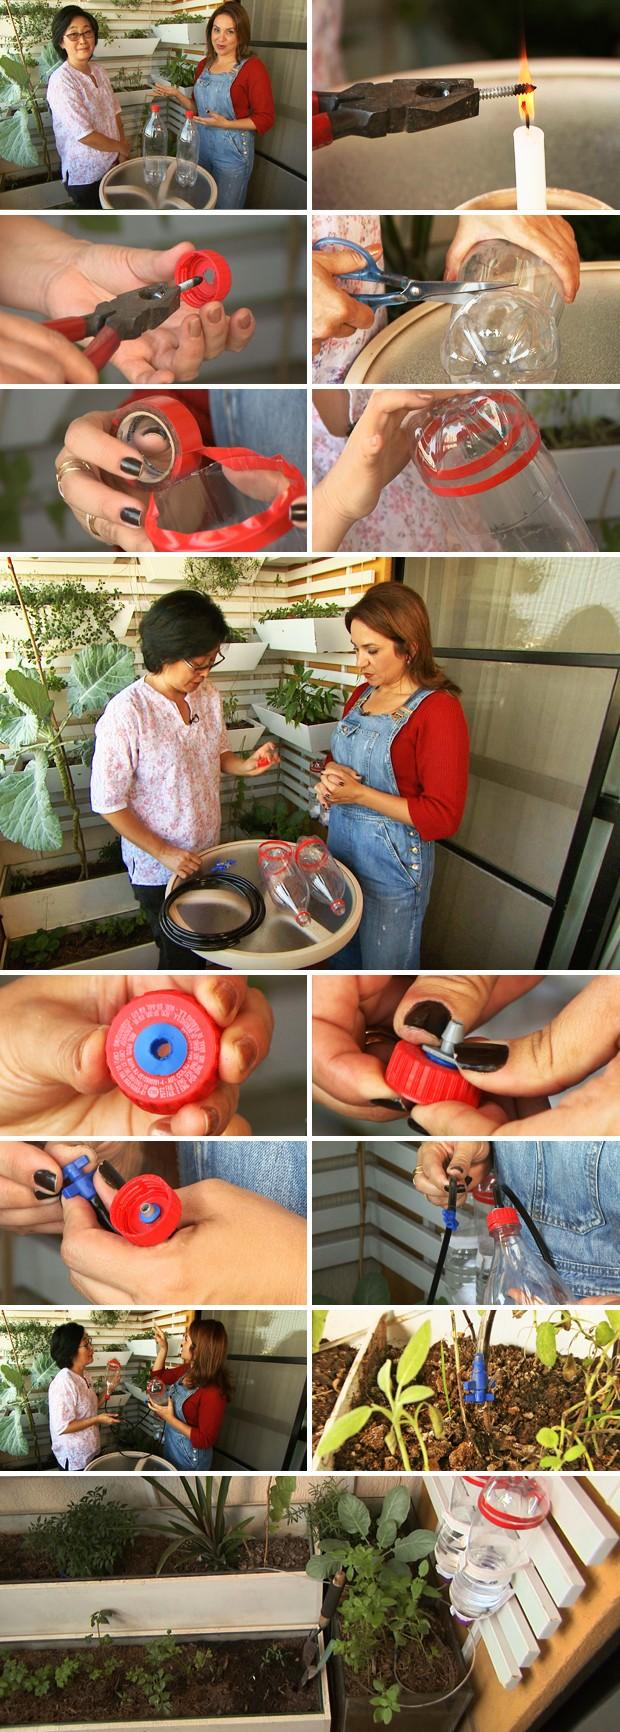 Para sair em viagem, Rosana Aoki inventou uma forma de manter irrigada a pequena horta da varanda do apartamento. (Foto: Ricardo Custódio/TG)